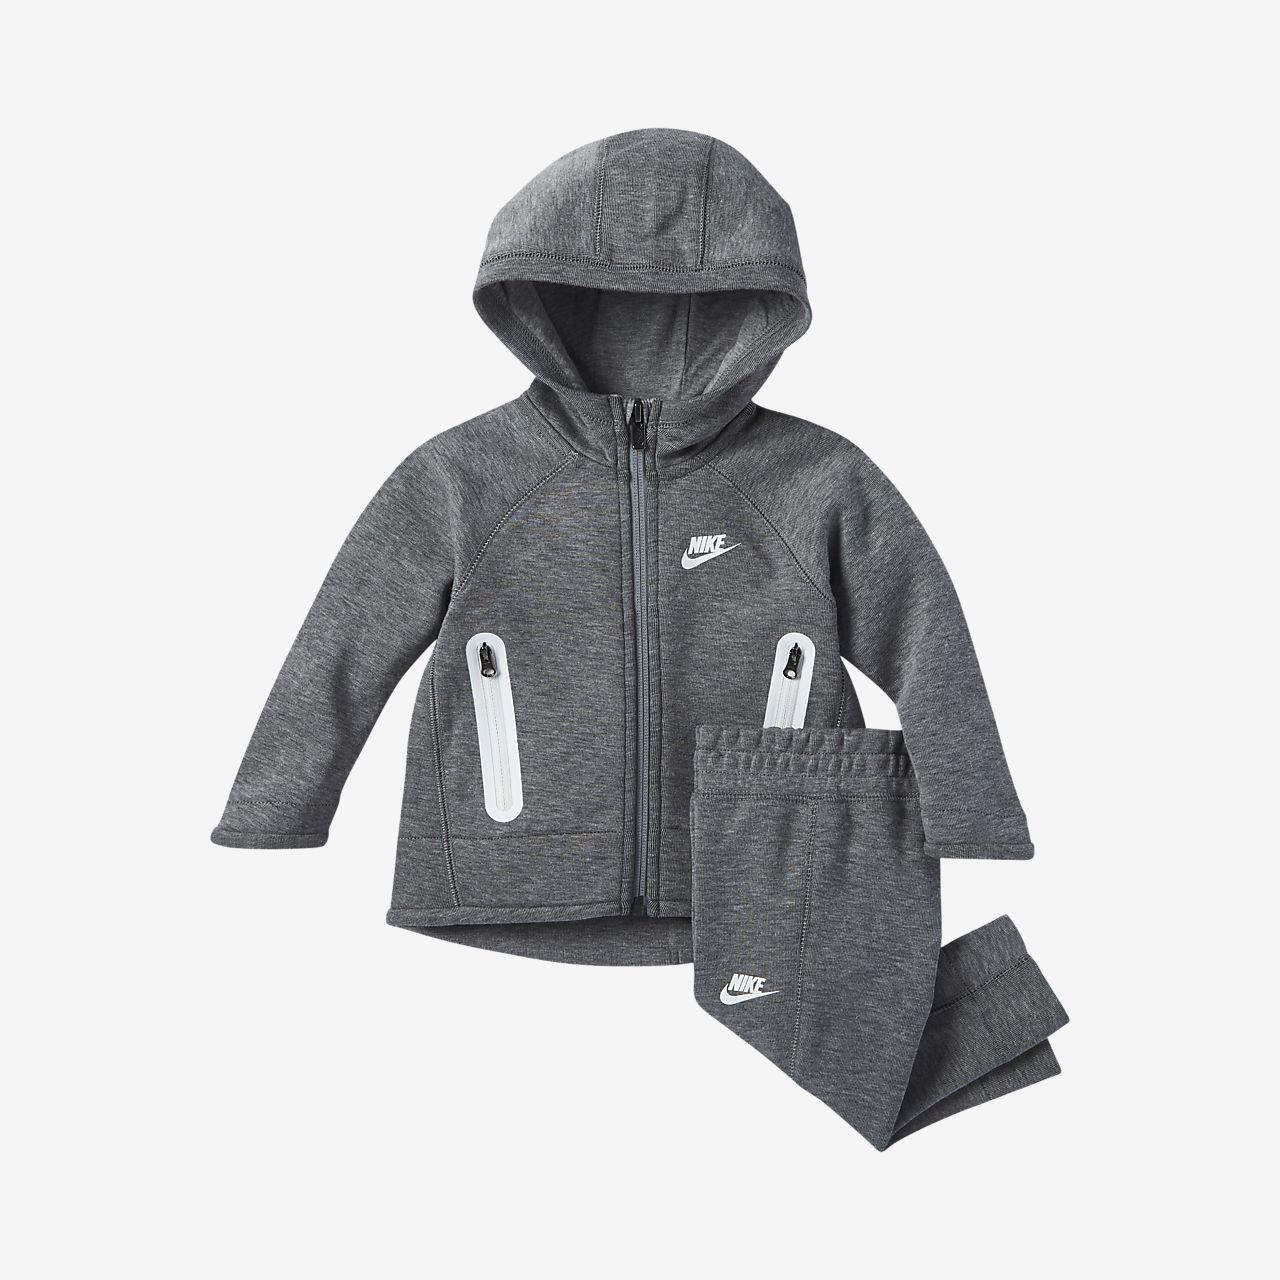 Nike Sportswear Tech Fleece Two Piece Conjunto Bebé e infantil